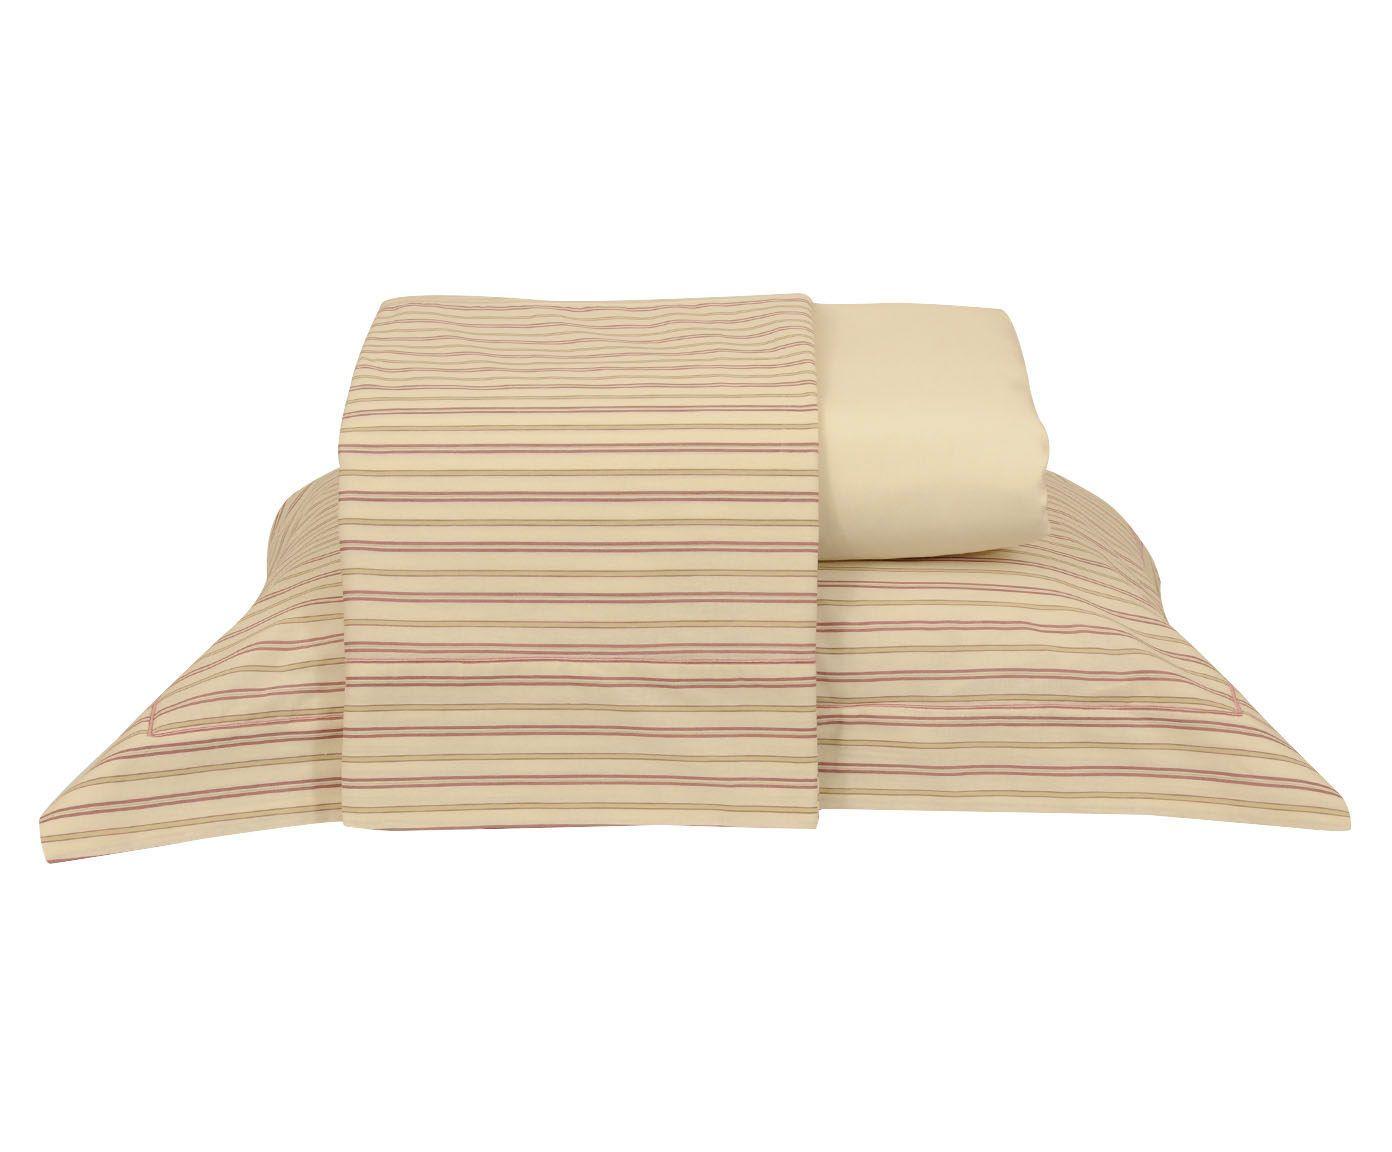 Jogo de lençol flower para cama queen size 150 fios | Westwing.com.br